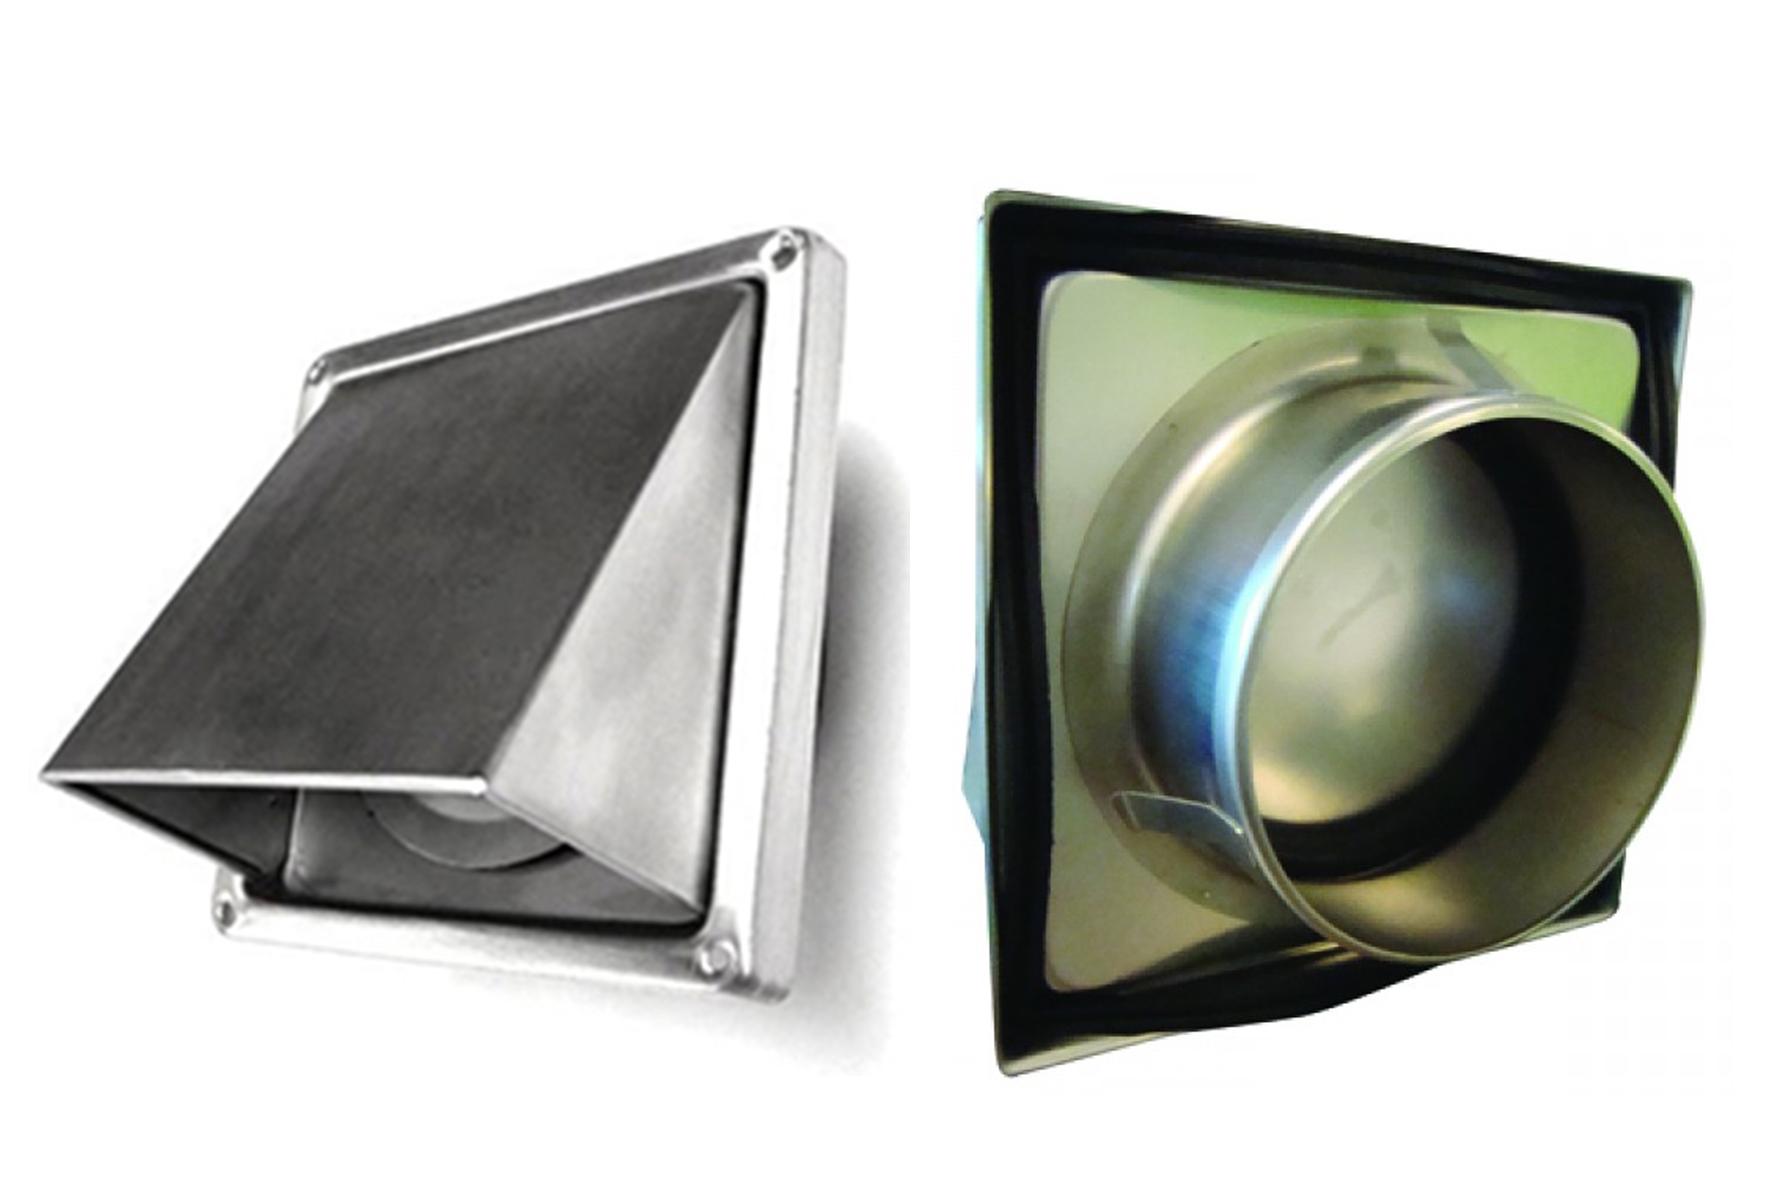 grille de surpression renson 641 achat en ligne ou dans. Black Bedroom Furniture Sets. Home Design Ideas